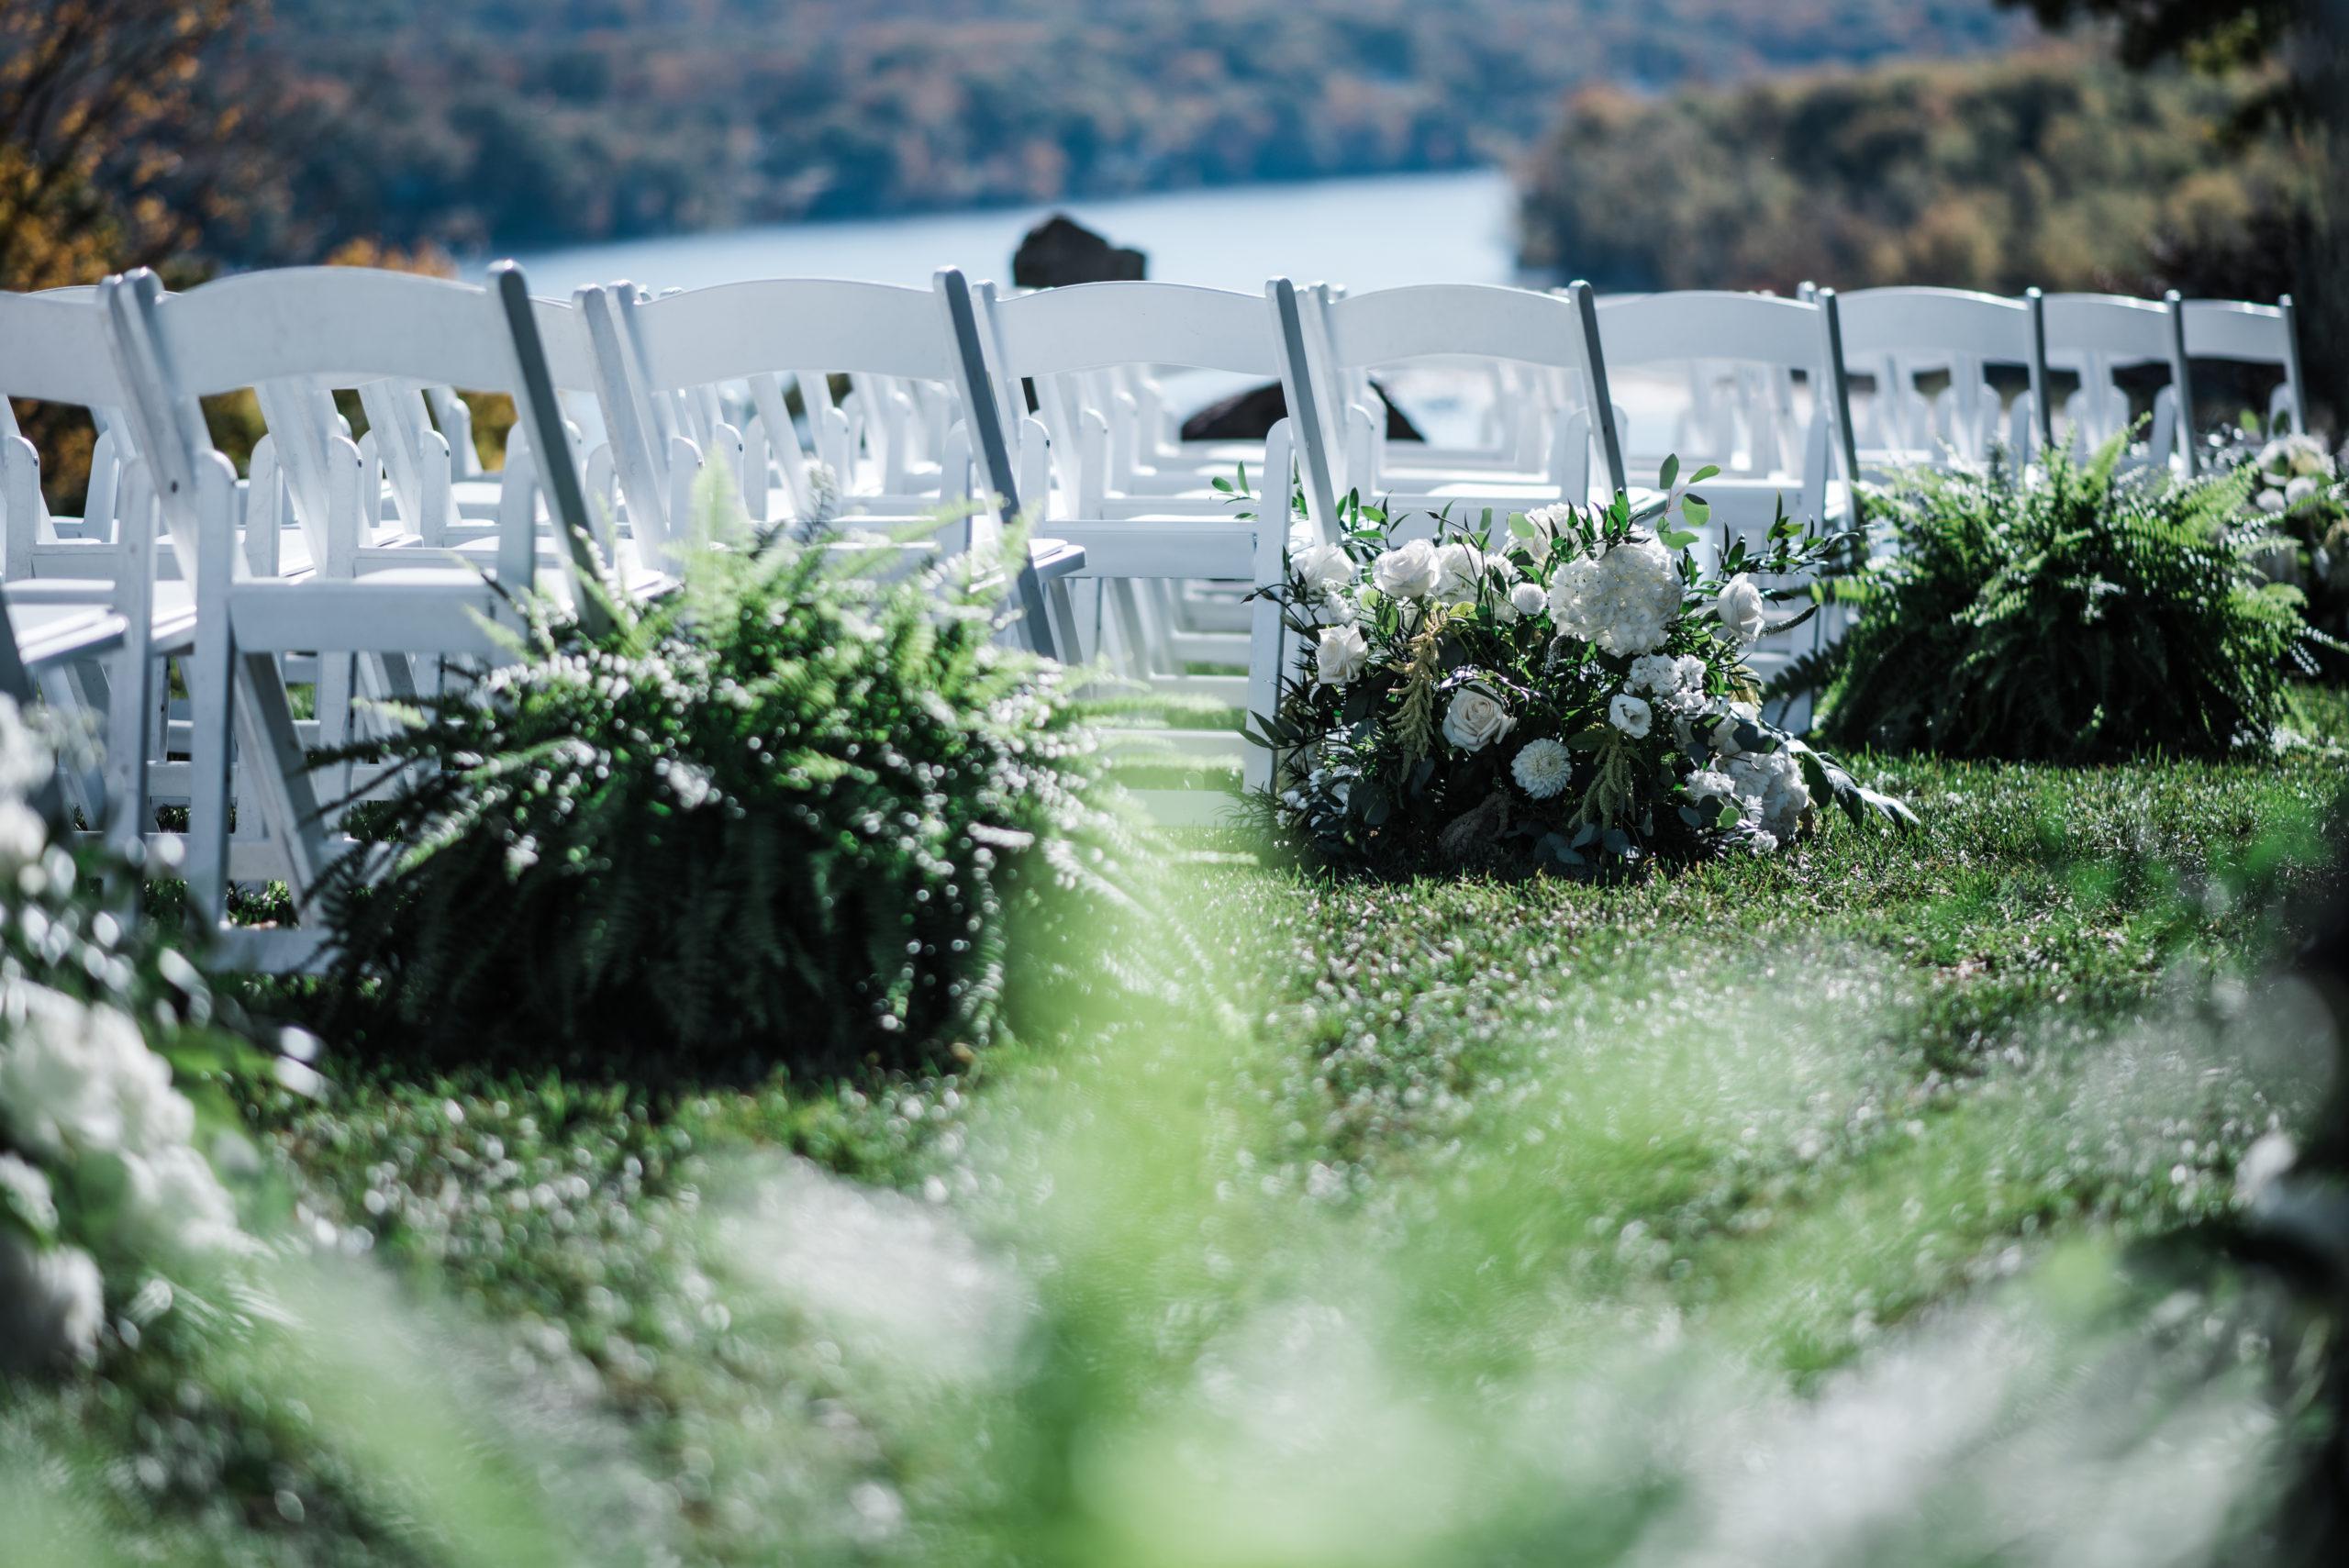 saint-clements-castle-wedding-flowers-candis-floral-creations-4